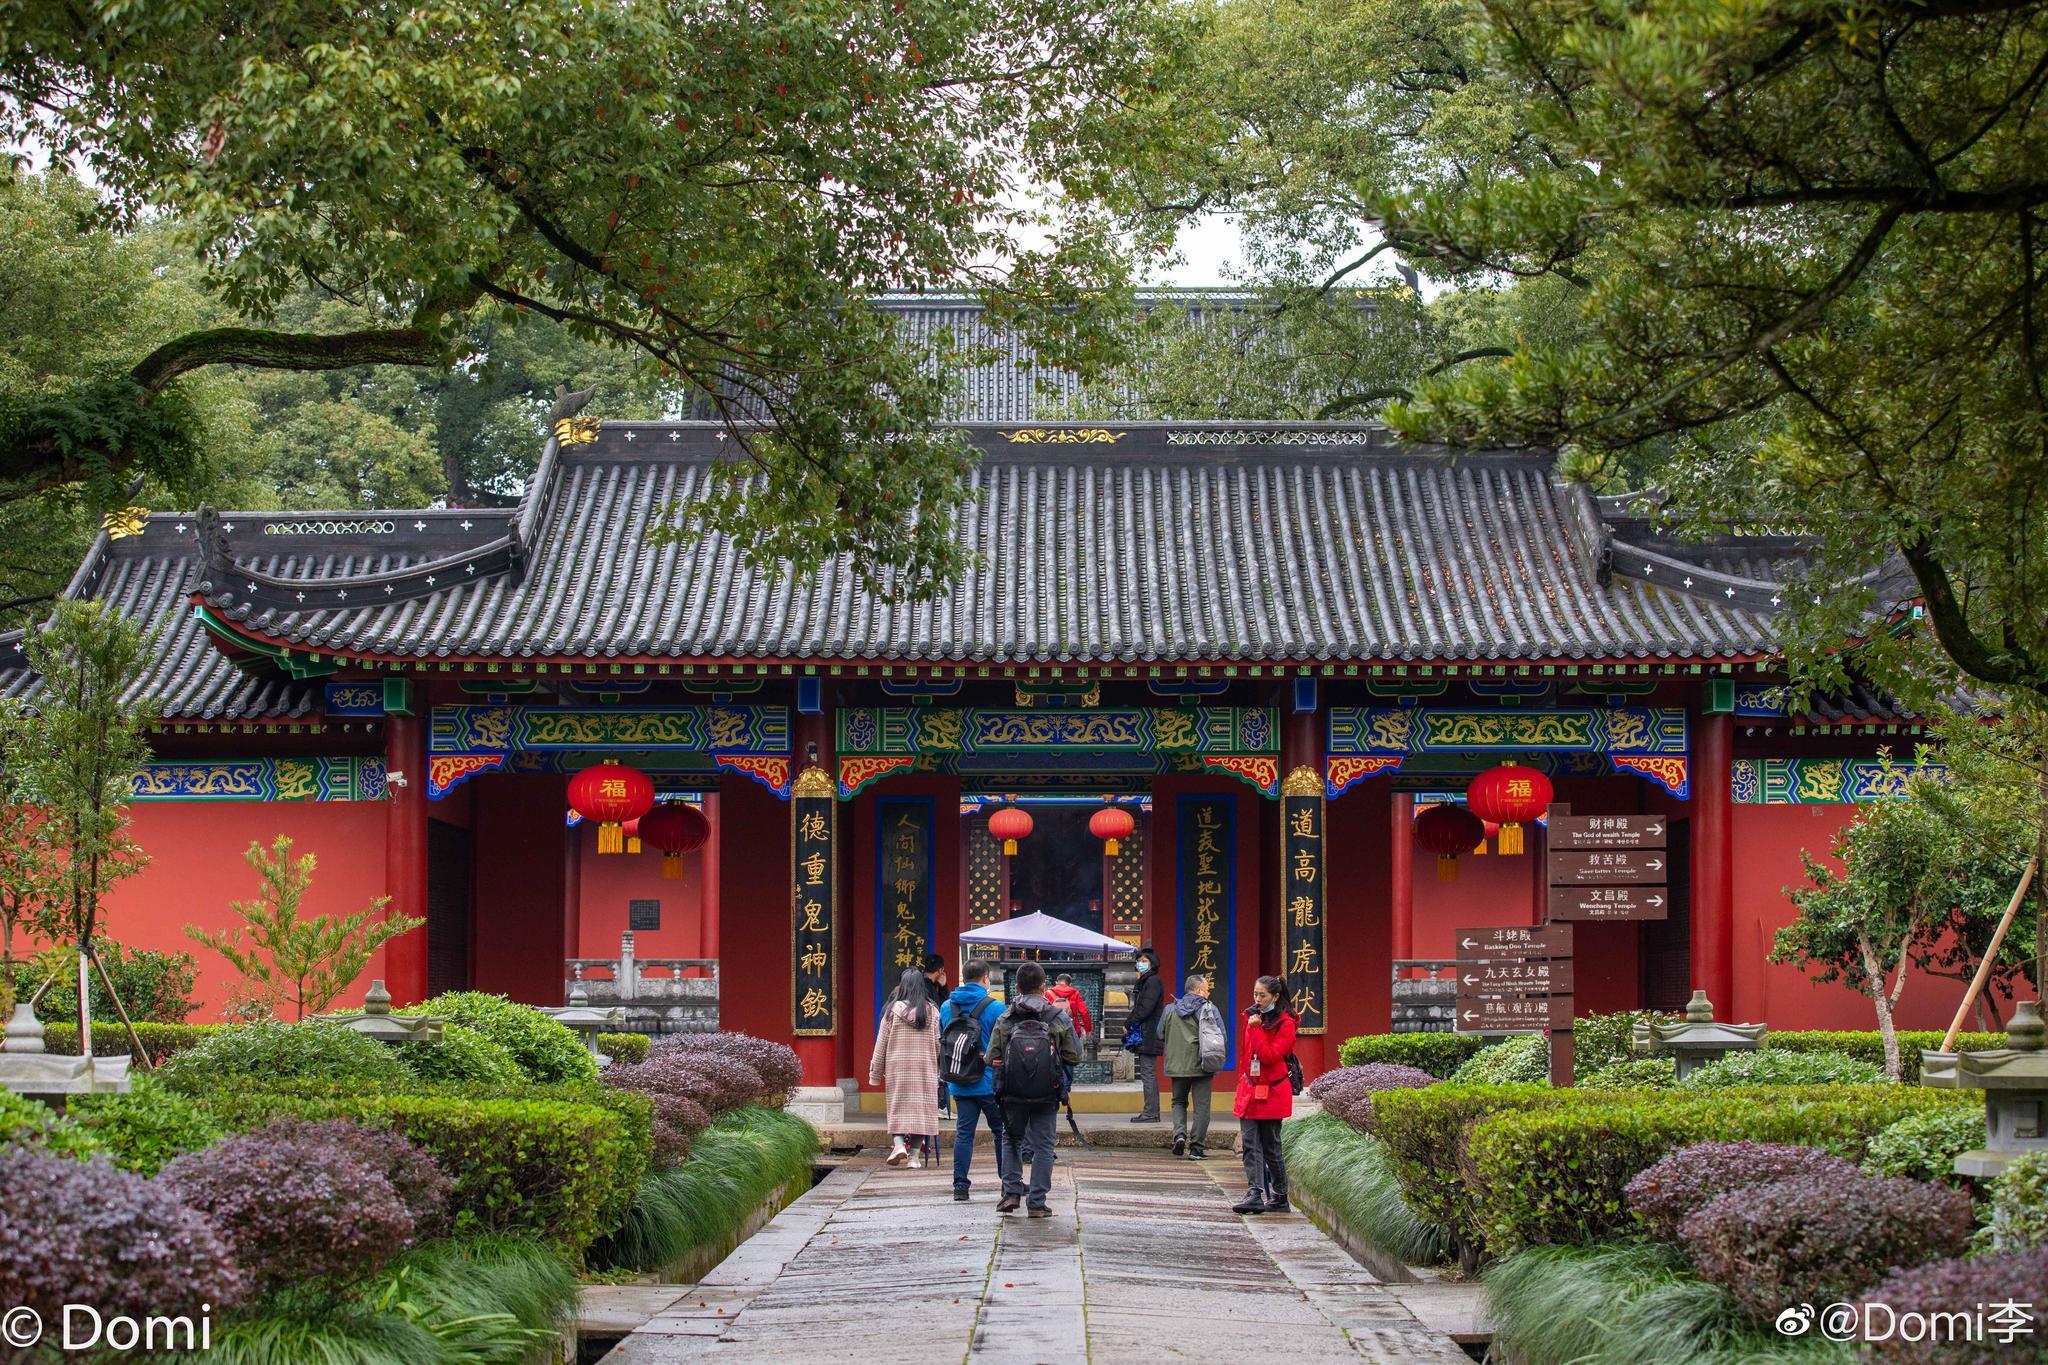 上清古镇已经有上千年的历史,该镇属龙虎山风景区